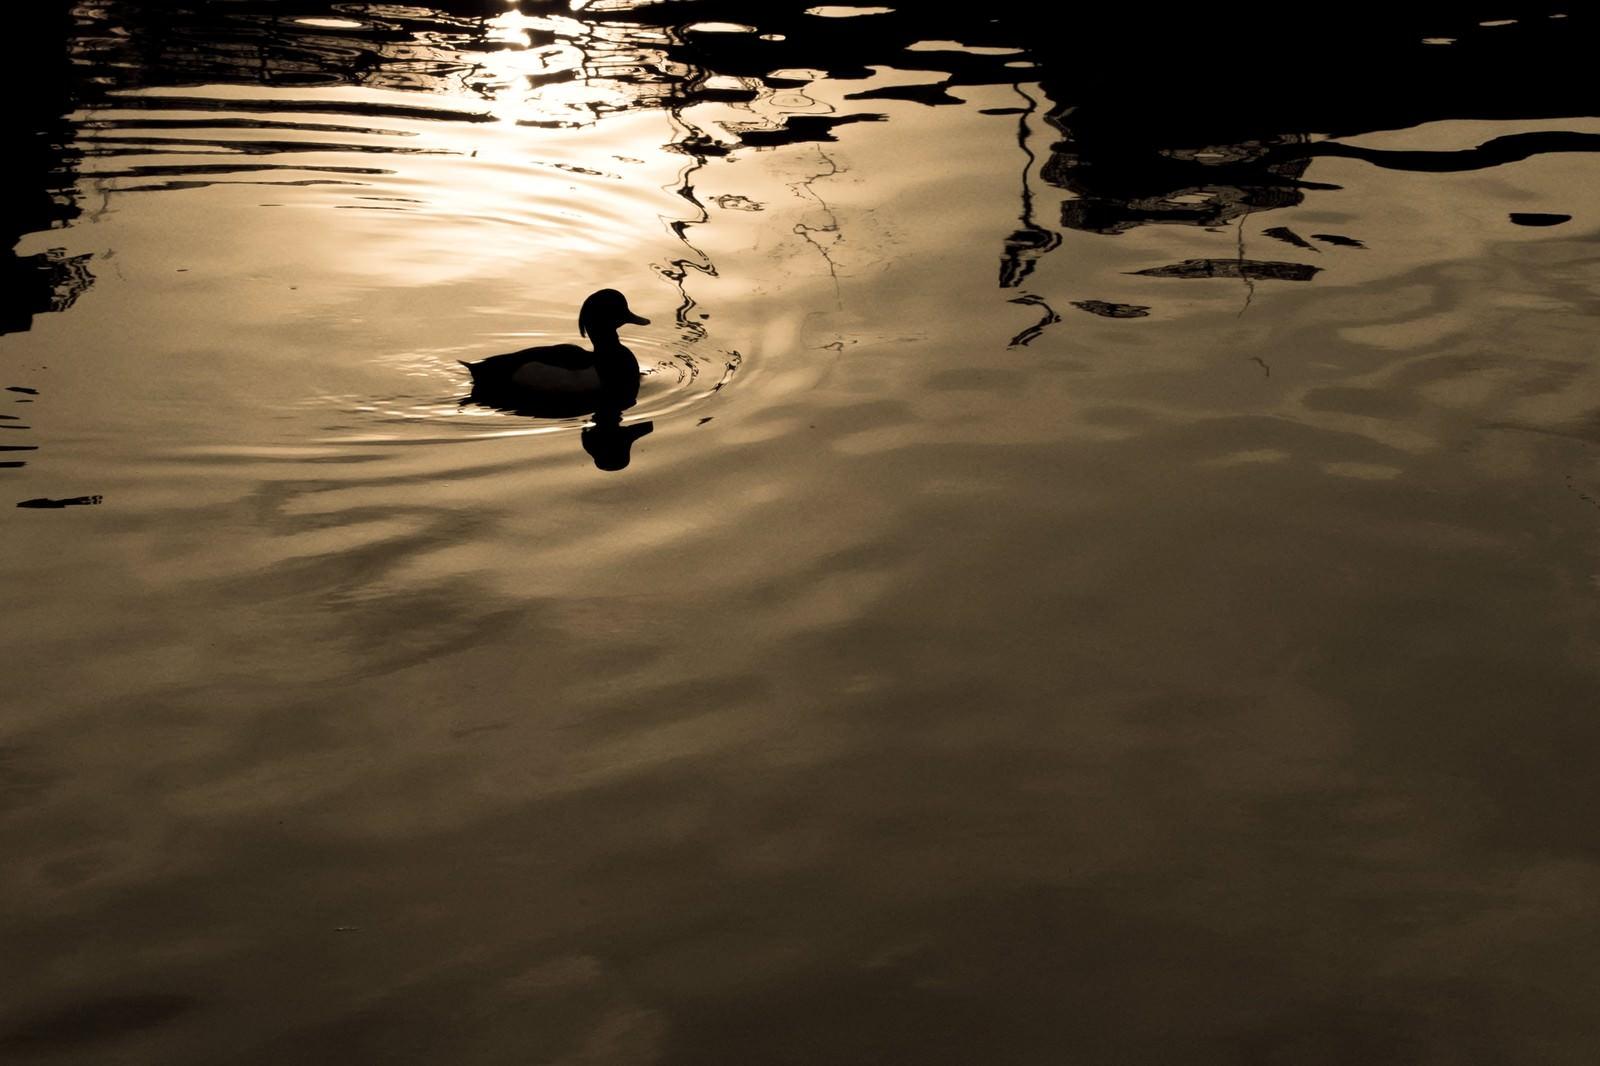 「湖面に浮かぶ野鳥のシルエット」の写真